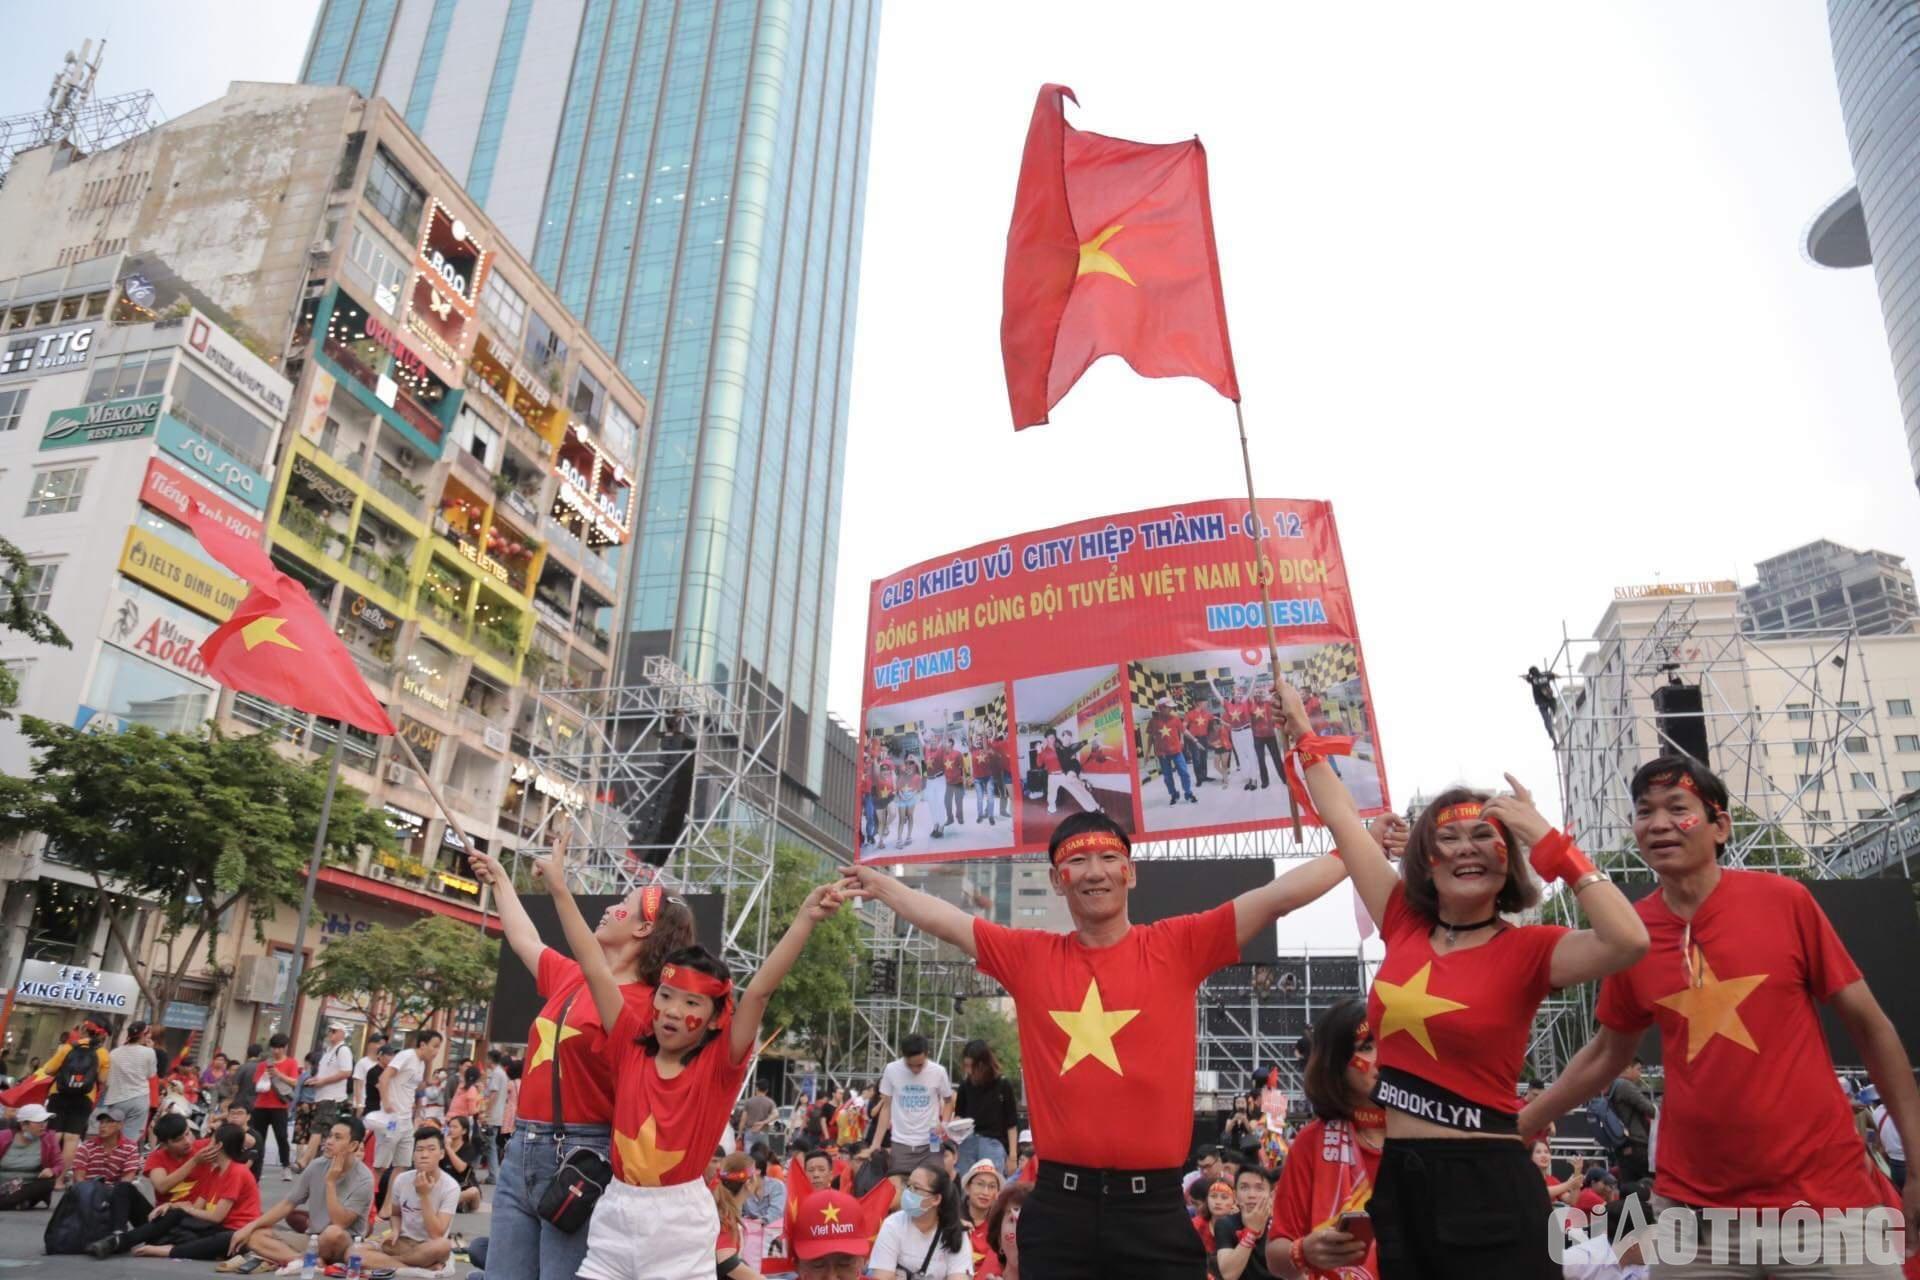 Việt Nam 'nổ tung', triệu người xuống đường mừng nhà vô địch SEA Games Ảnh 3